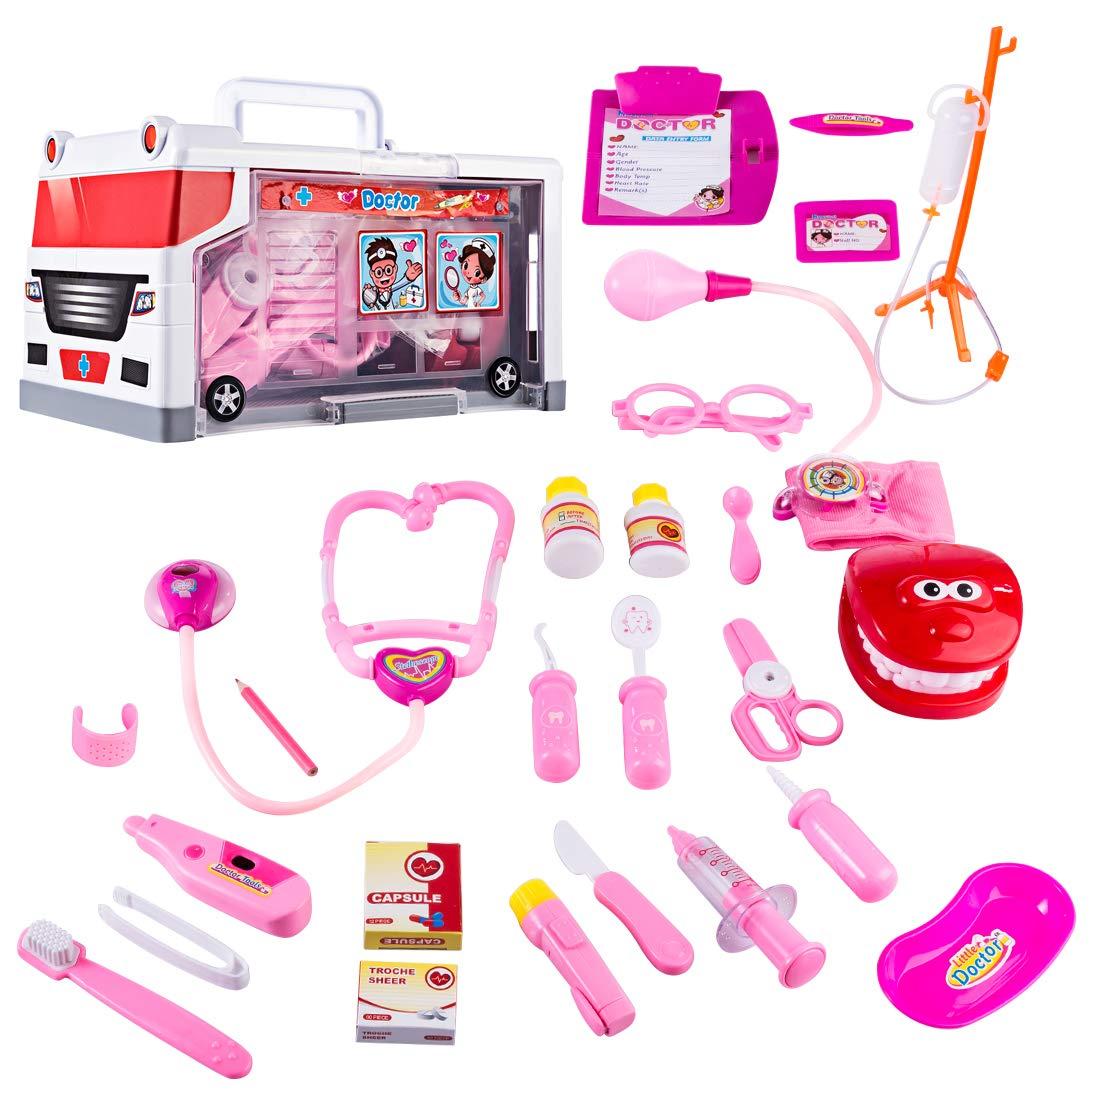 Yvsoo Mallette Docteur Mallette Ambulance Dinette Enfant Jeu d'imitation Cadeau Anniversaire Noël pour Enfant